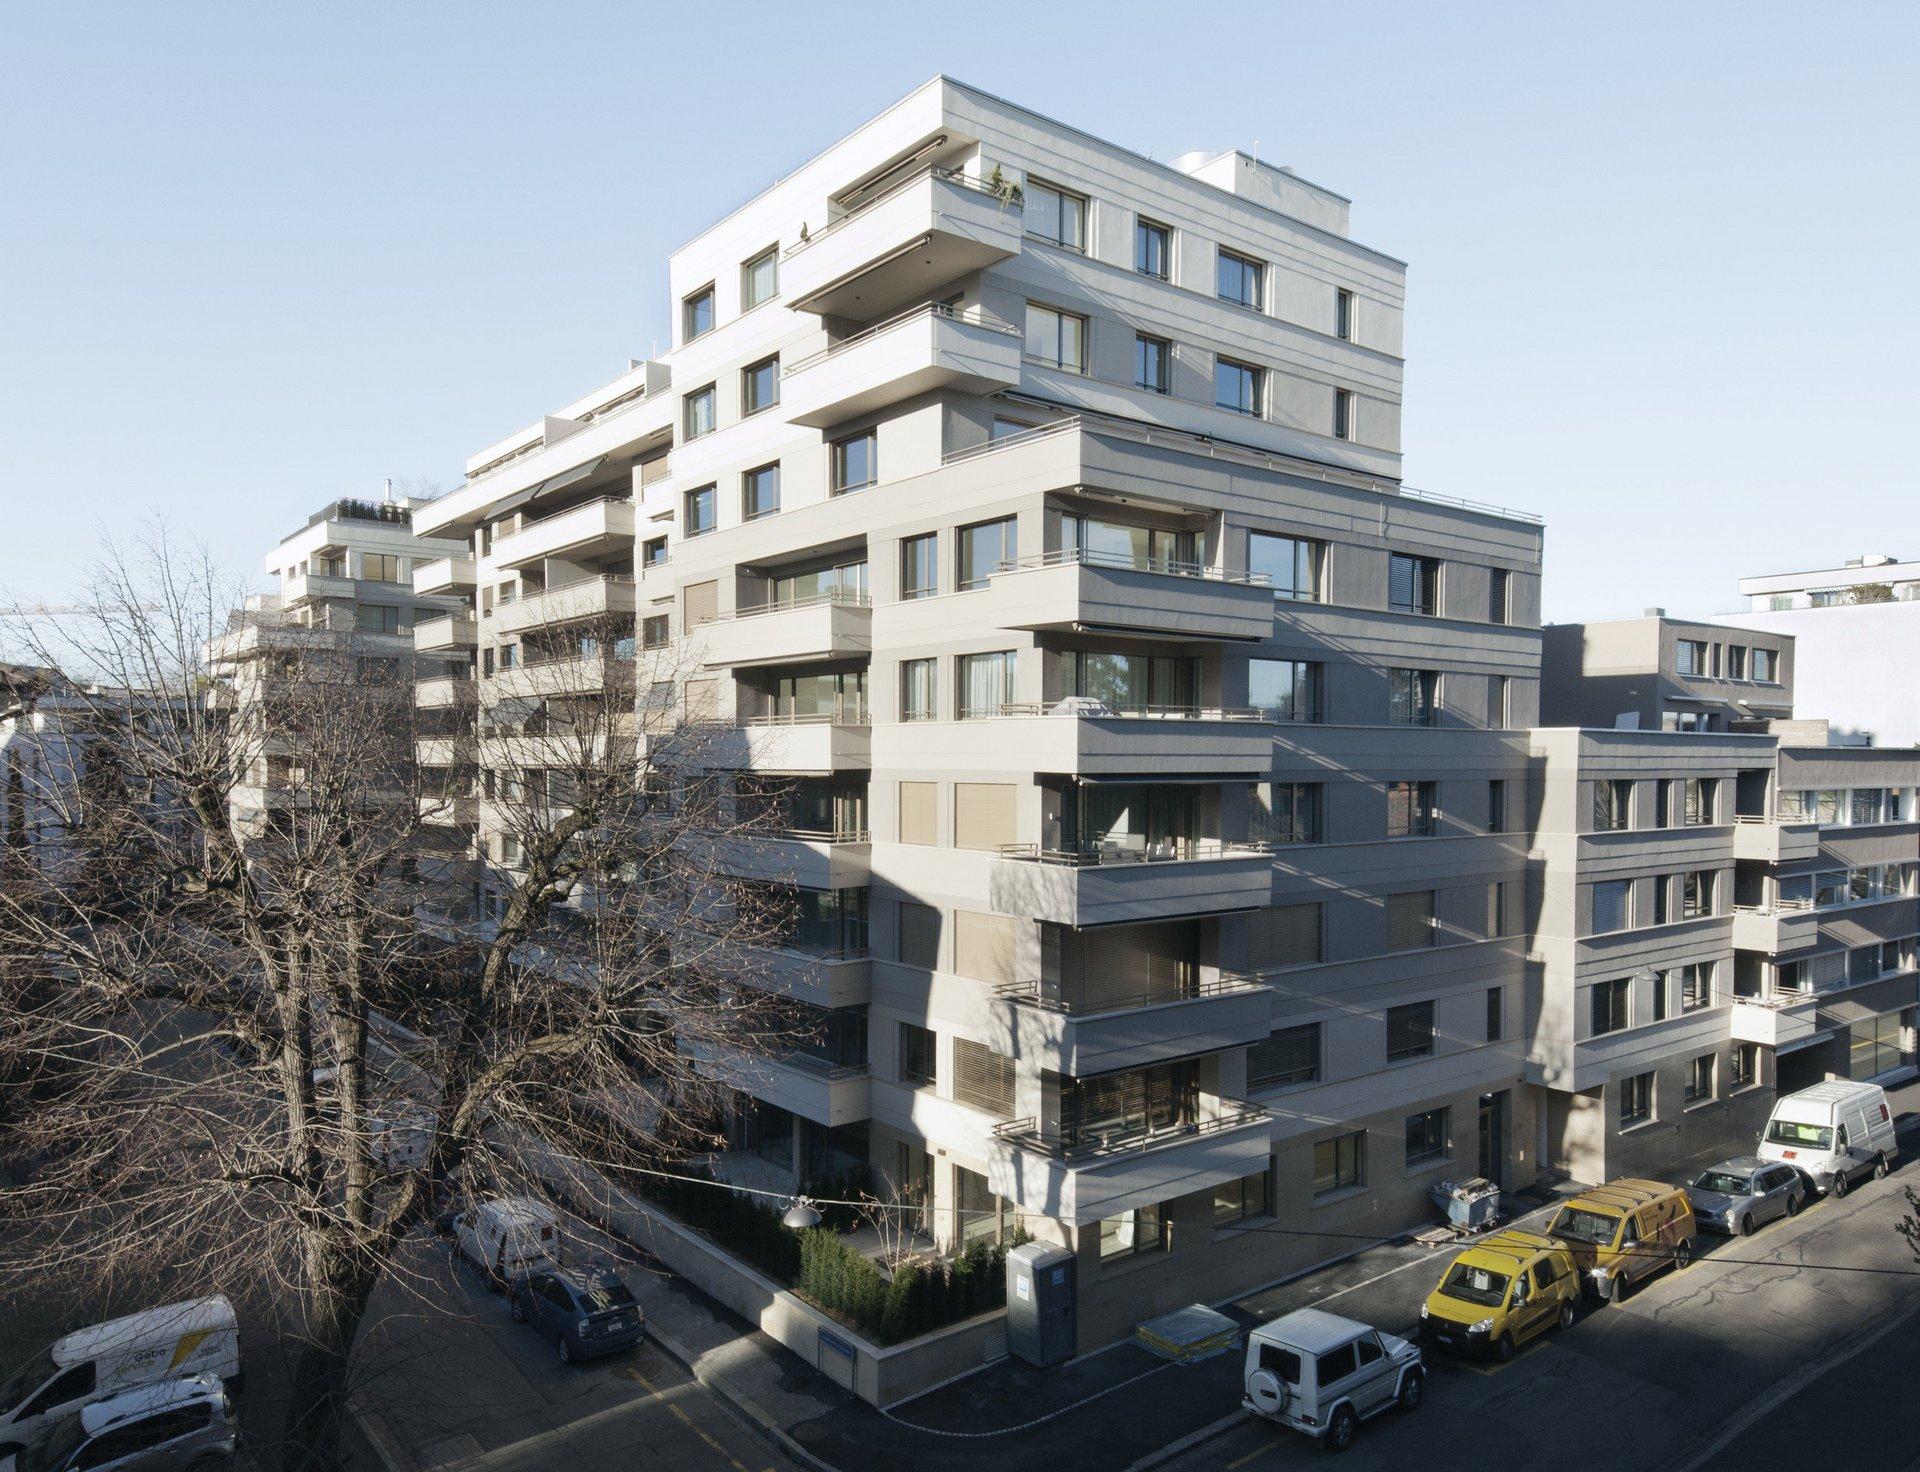 mehrstöckiges Wohnhaus mit grosser Fensteranzahl